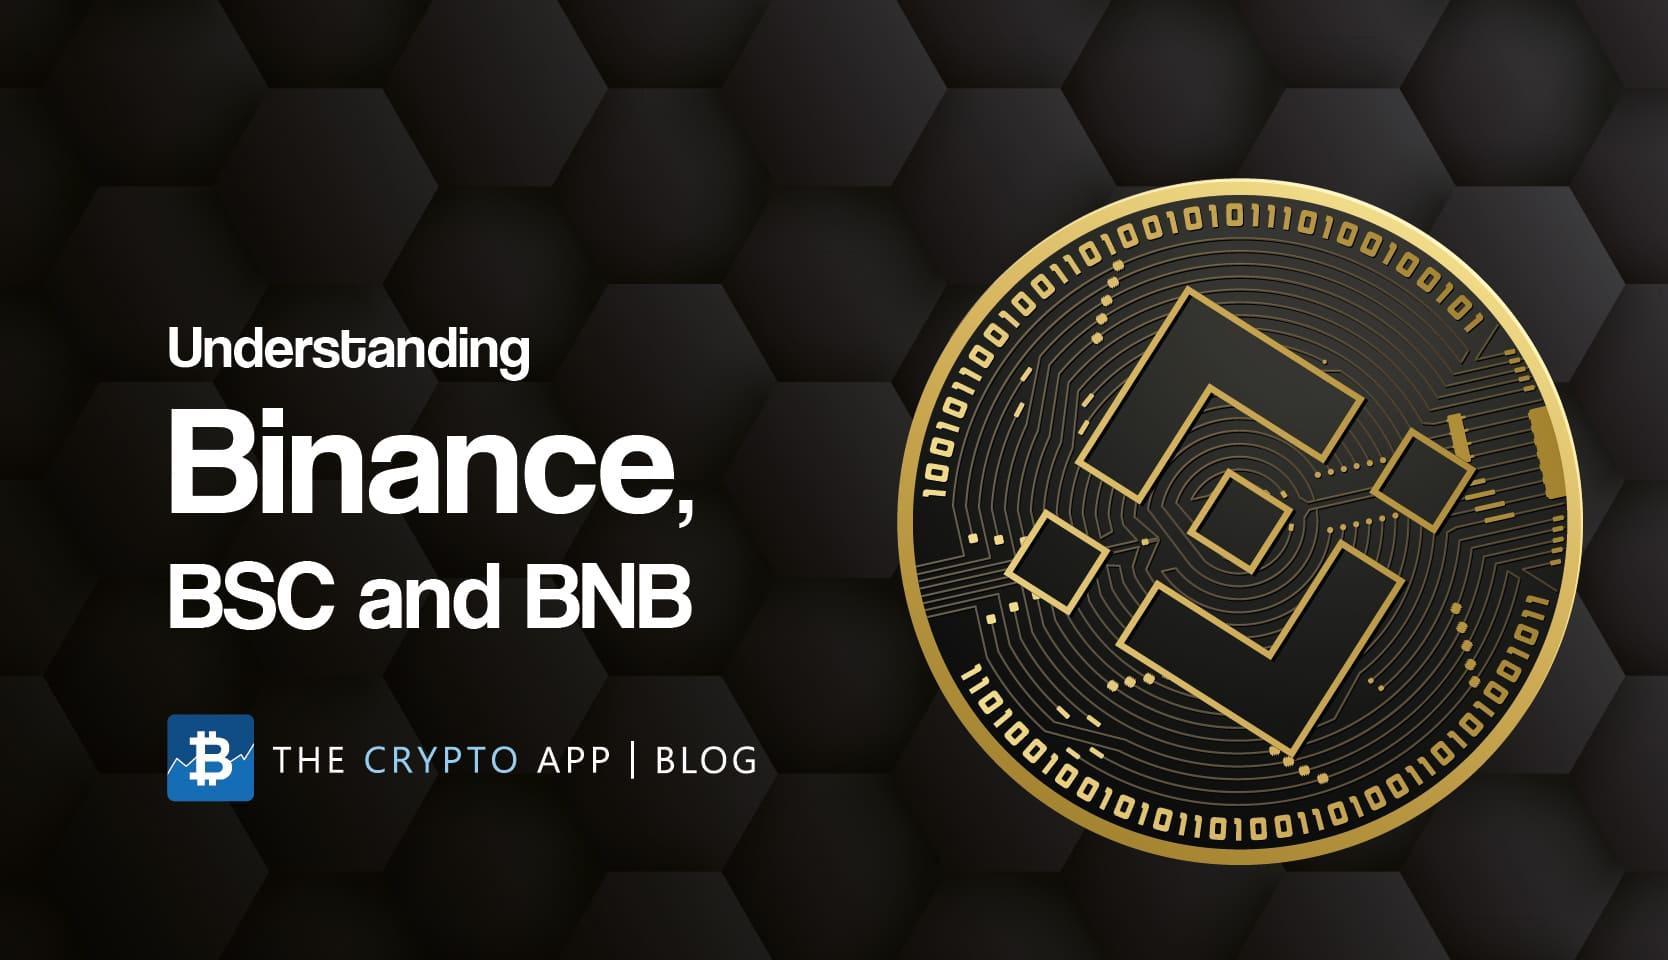 Понимание Binance, Smart Chain и BNB